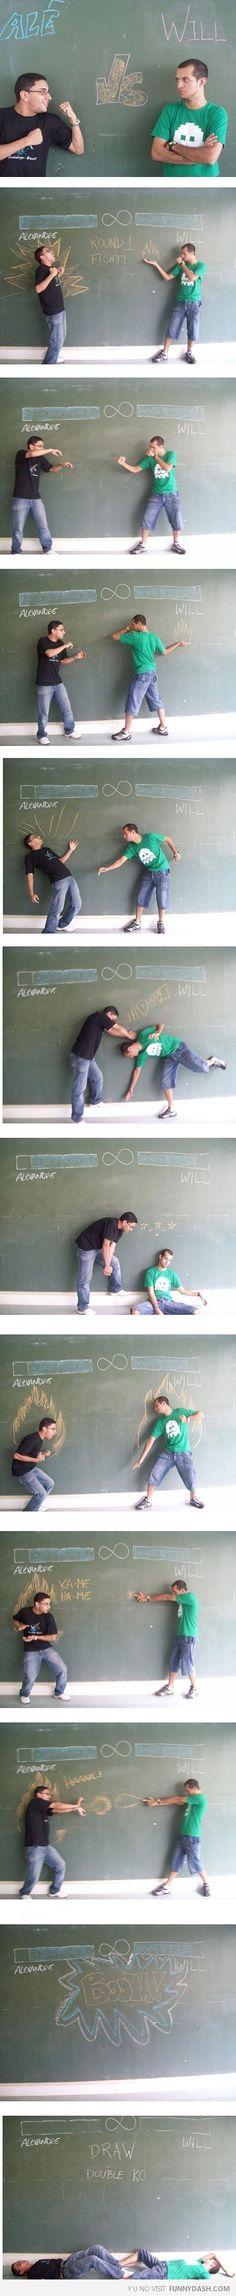 Epic Chalk Board Battle